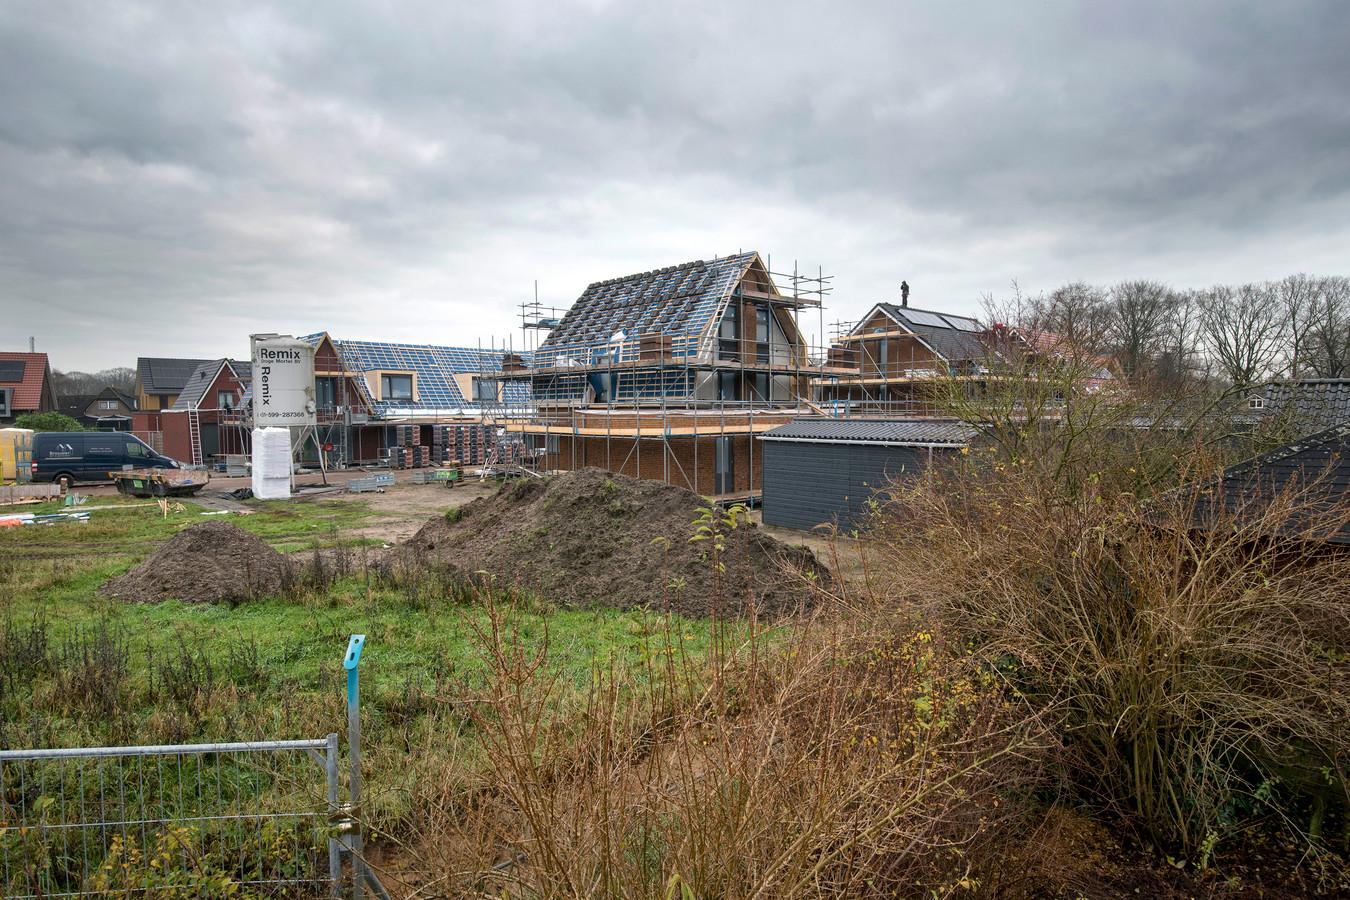 Reinbouw is inmiddels toch begonnen met de bouw van woningen in het zuidwestelijk deel van het gebied.